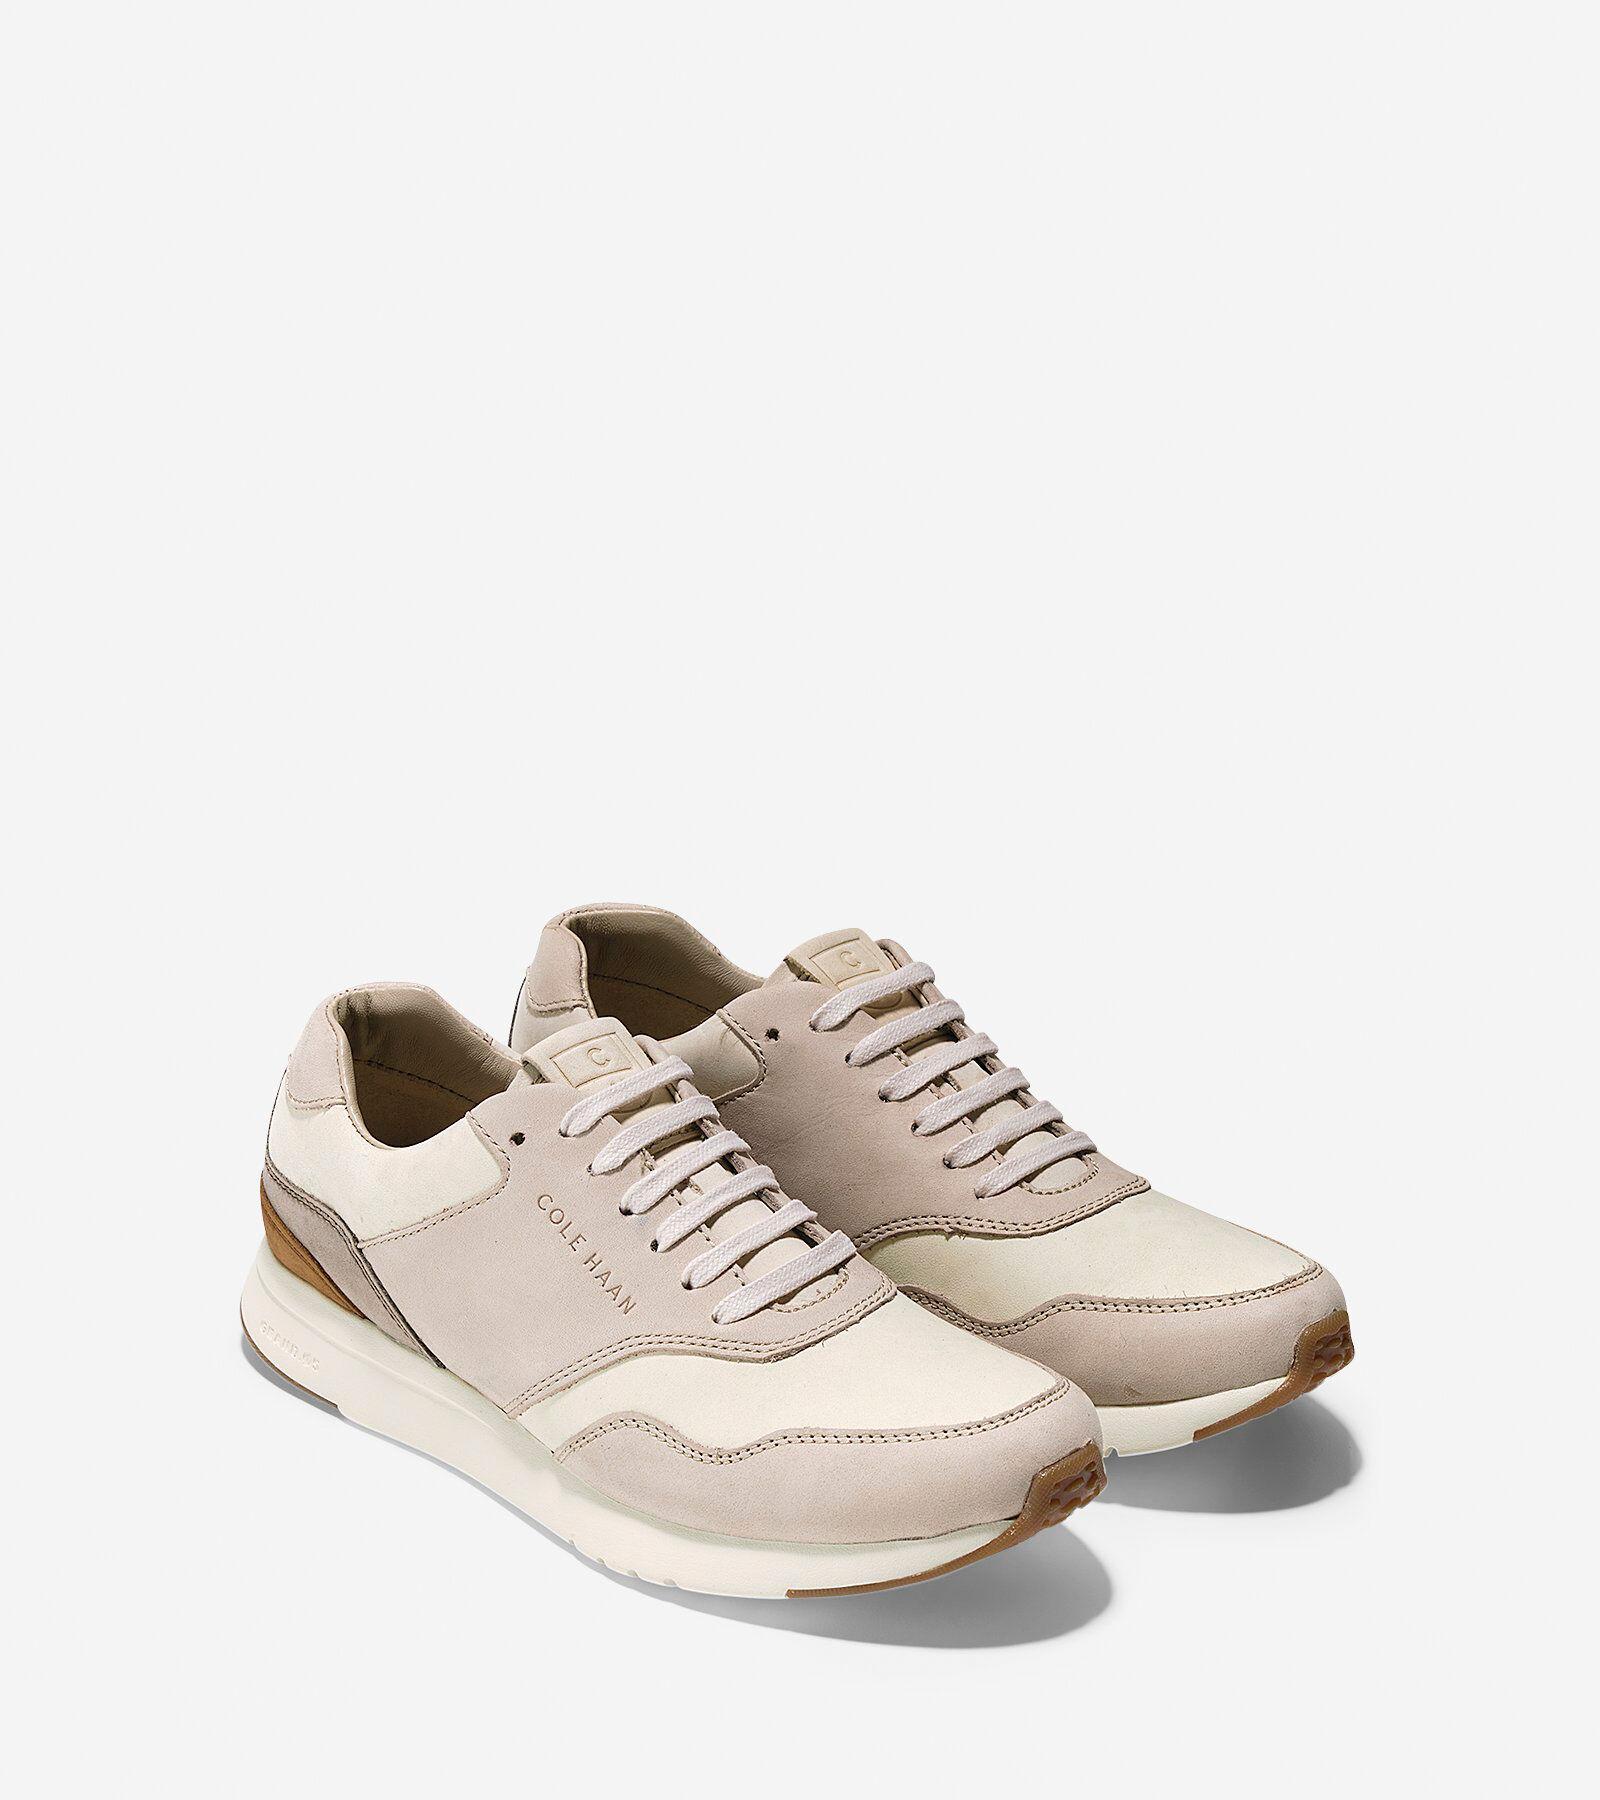 Cole Haan Women's Grandpro Wedge Sneaker 9AsPql